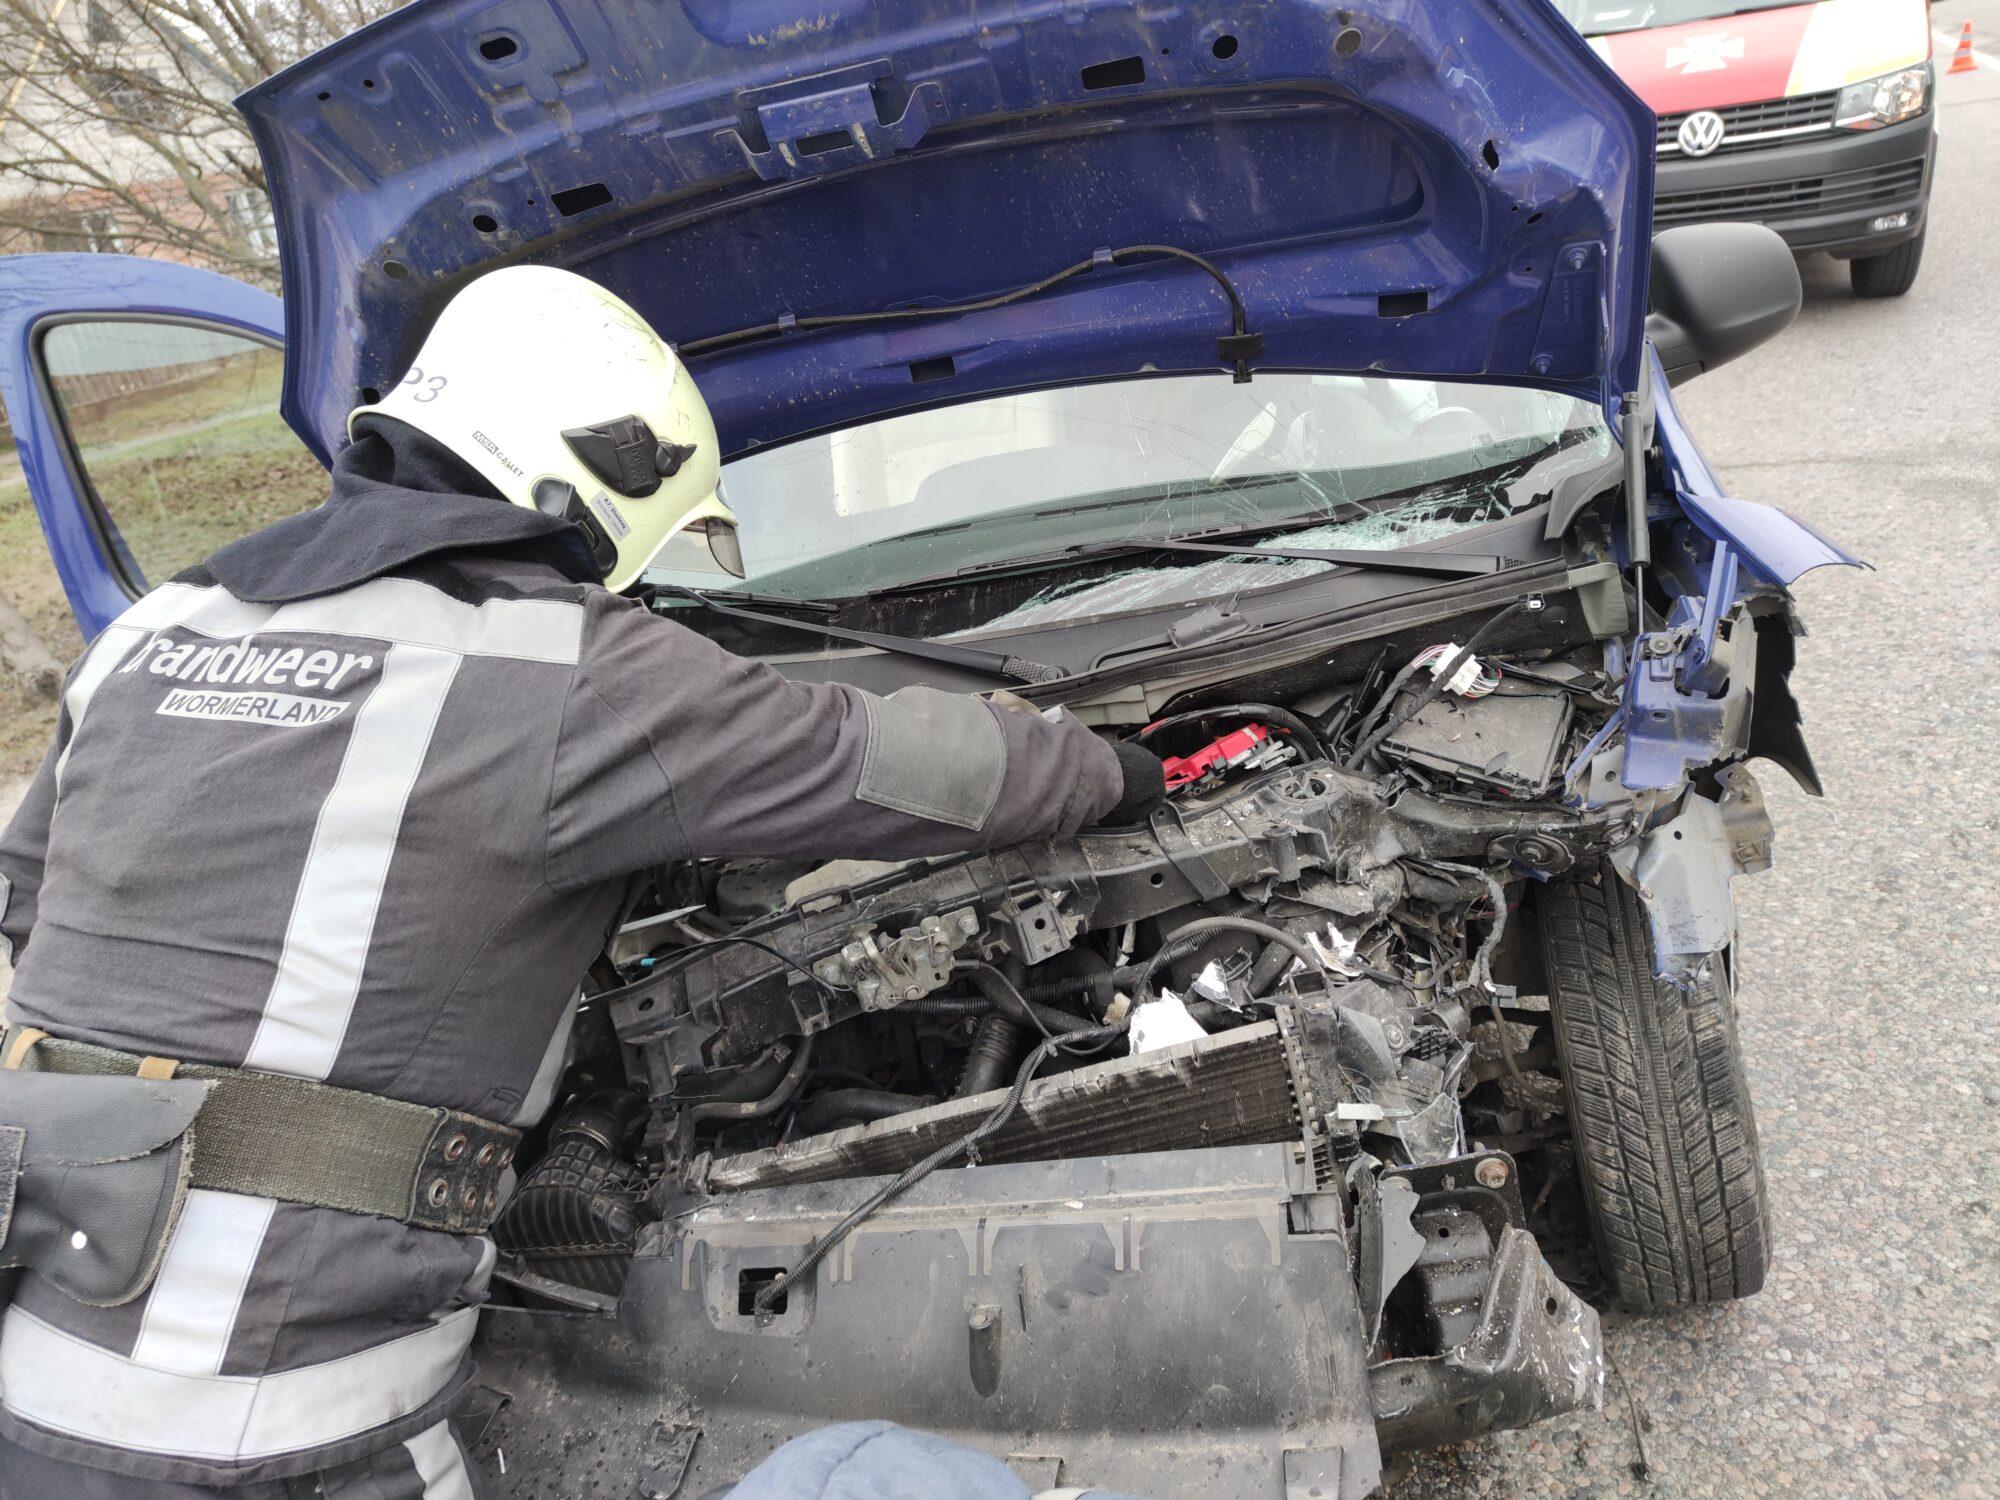 На Білоцерківщині зіштовхнулися одразу три автомобілі - рятувальники, ДТП, автомобілі - IMG 20210112 101040 2000x1500